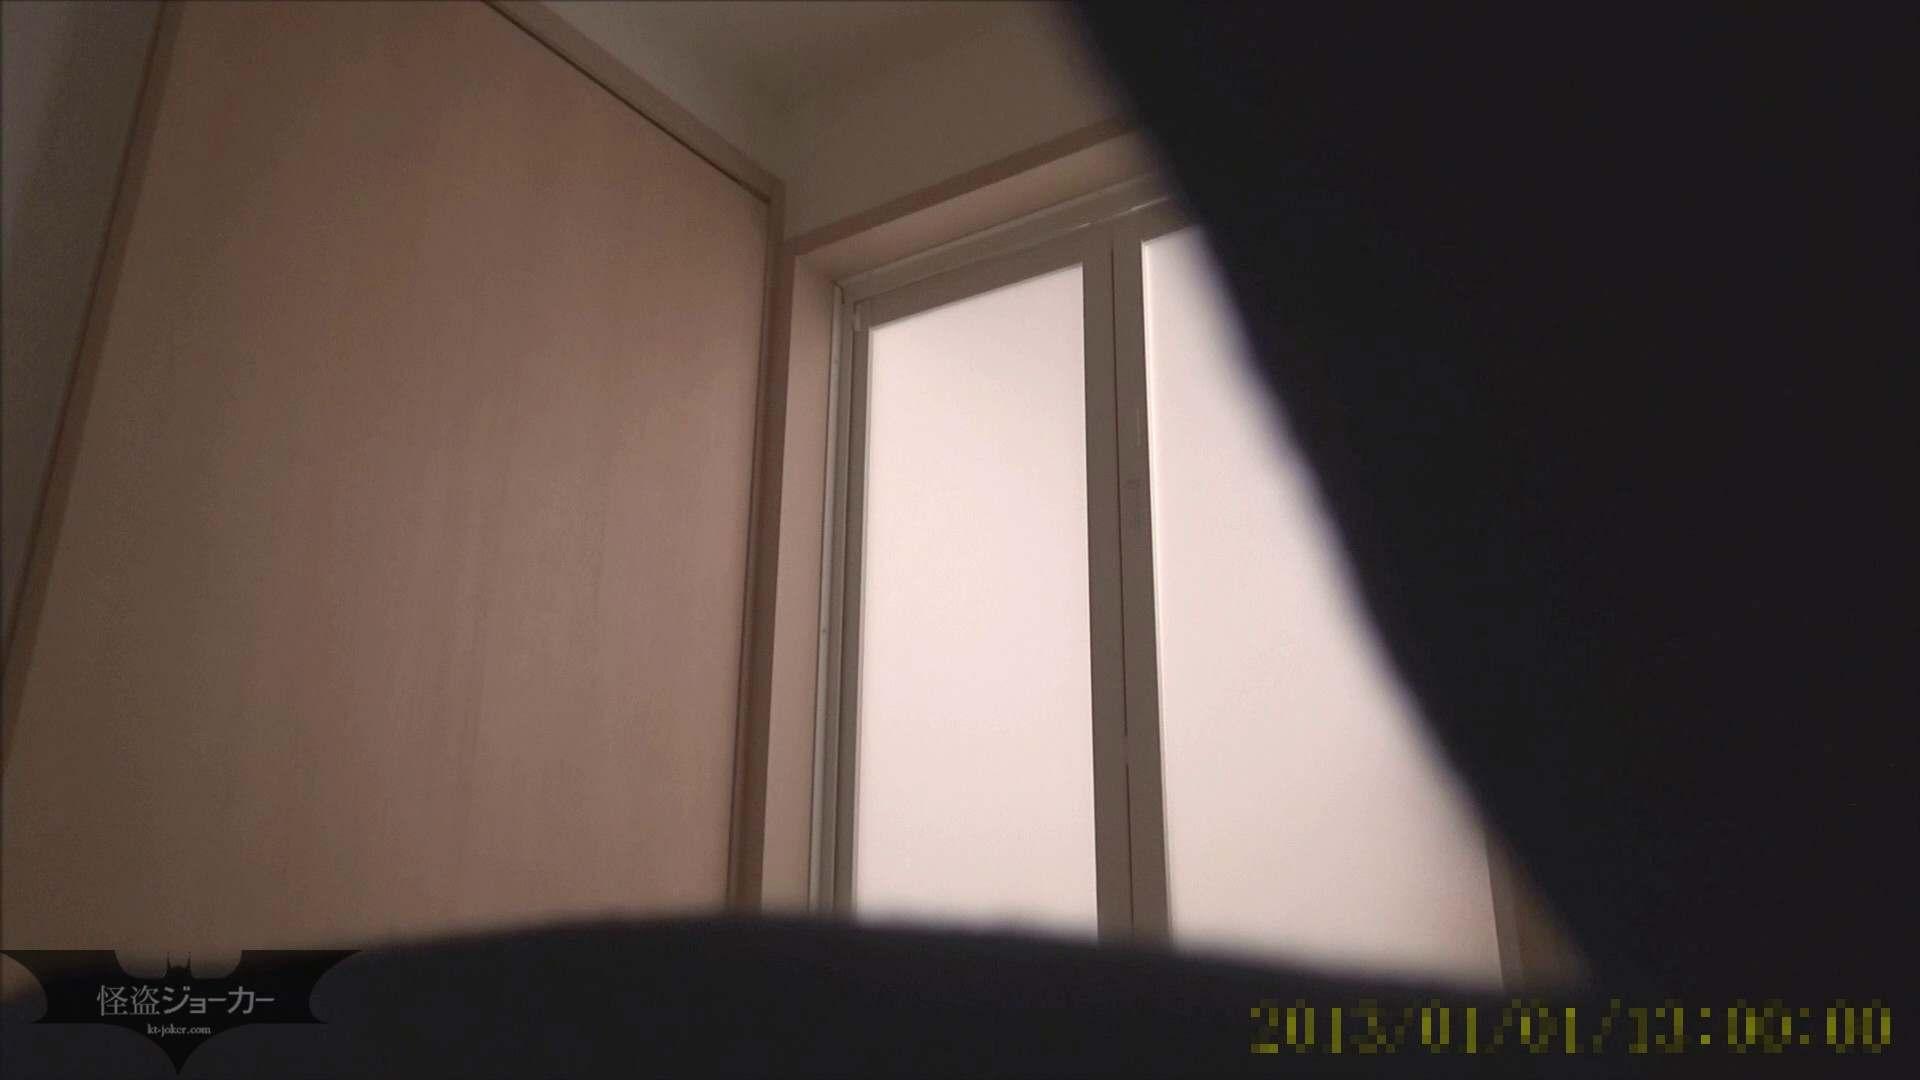 【未公開】vol.103  {黒髪→茶髪ボブに変身}美巨乳アミちゃん④【前編】 巨乳 ぱこり動画紹介 92画像 47